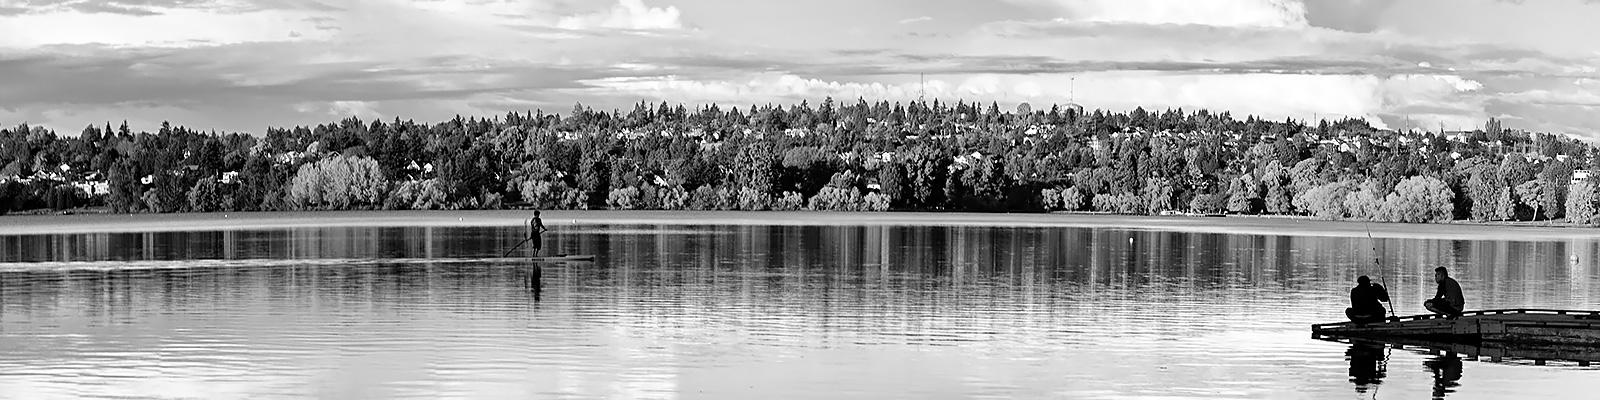 シアトル 自然 水 イメージ